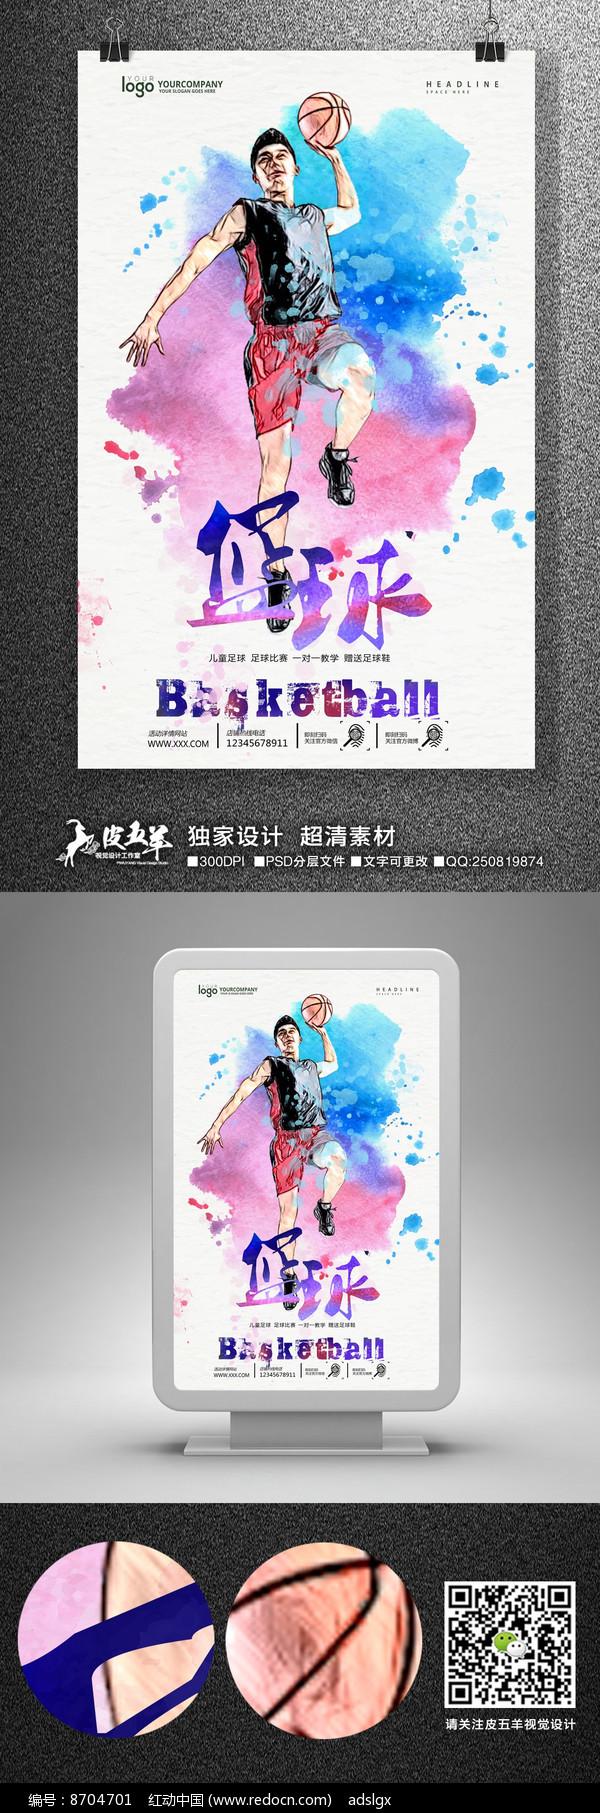 海报设计 水彩篮球社迎新招新海报  请您分享: 素材描述:红动网提供